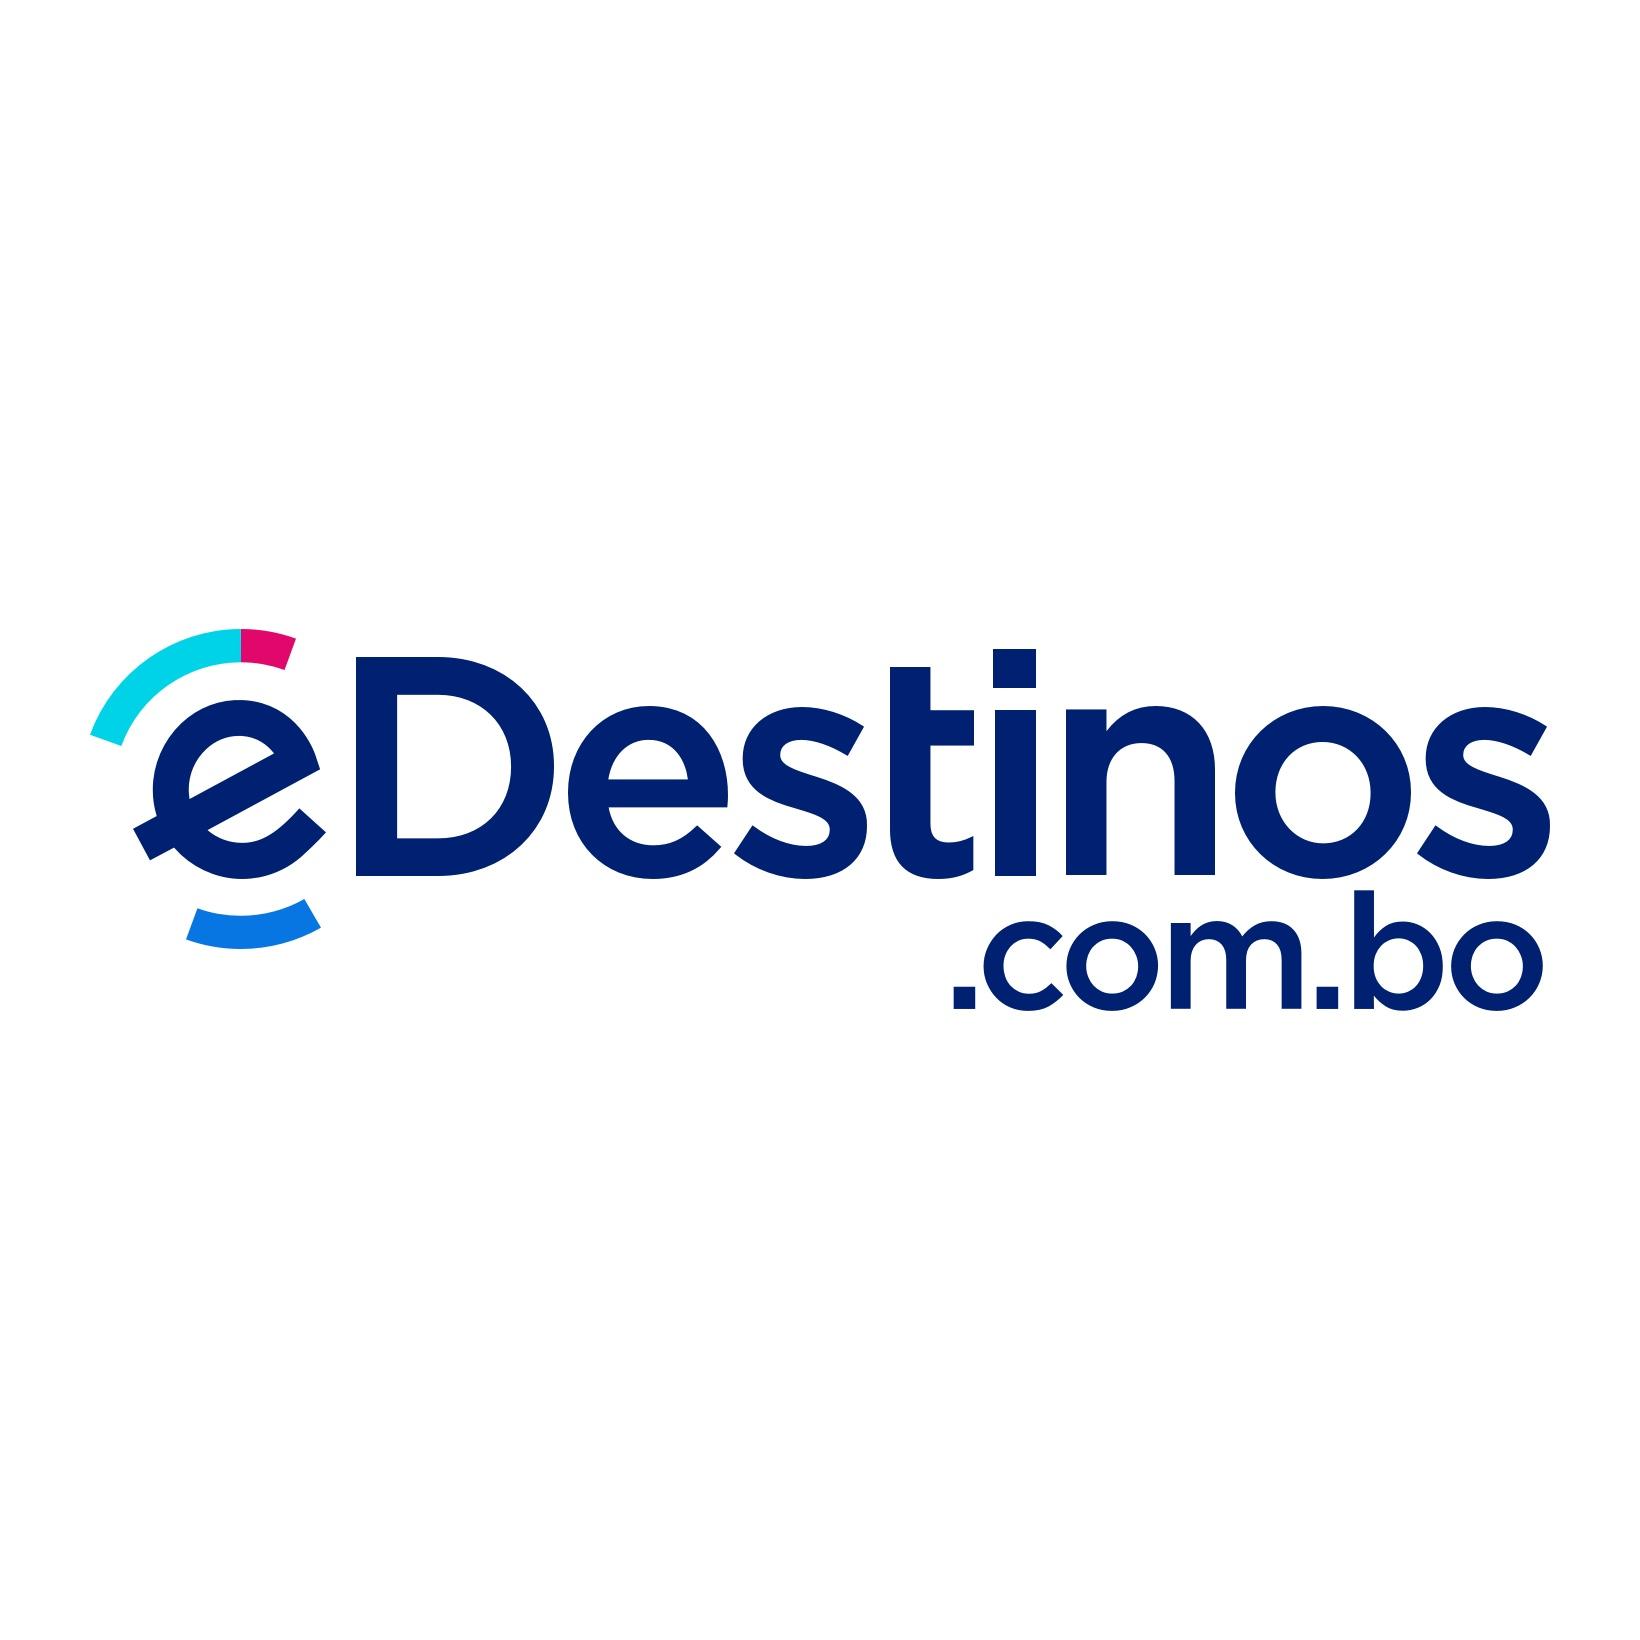 (c) Edestinos.com.bo